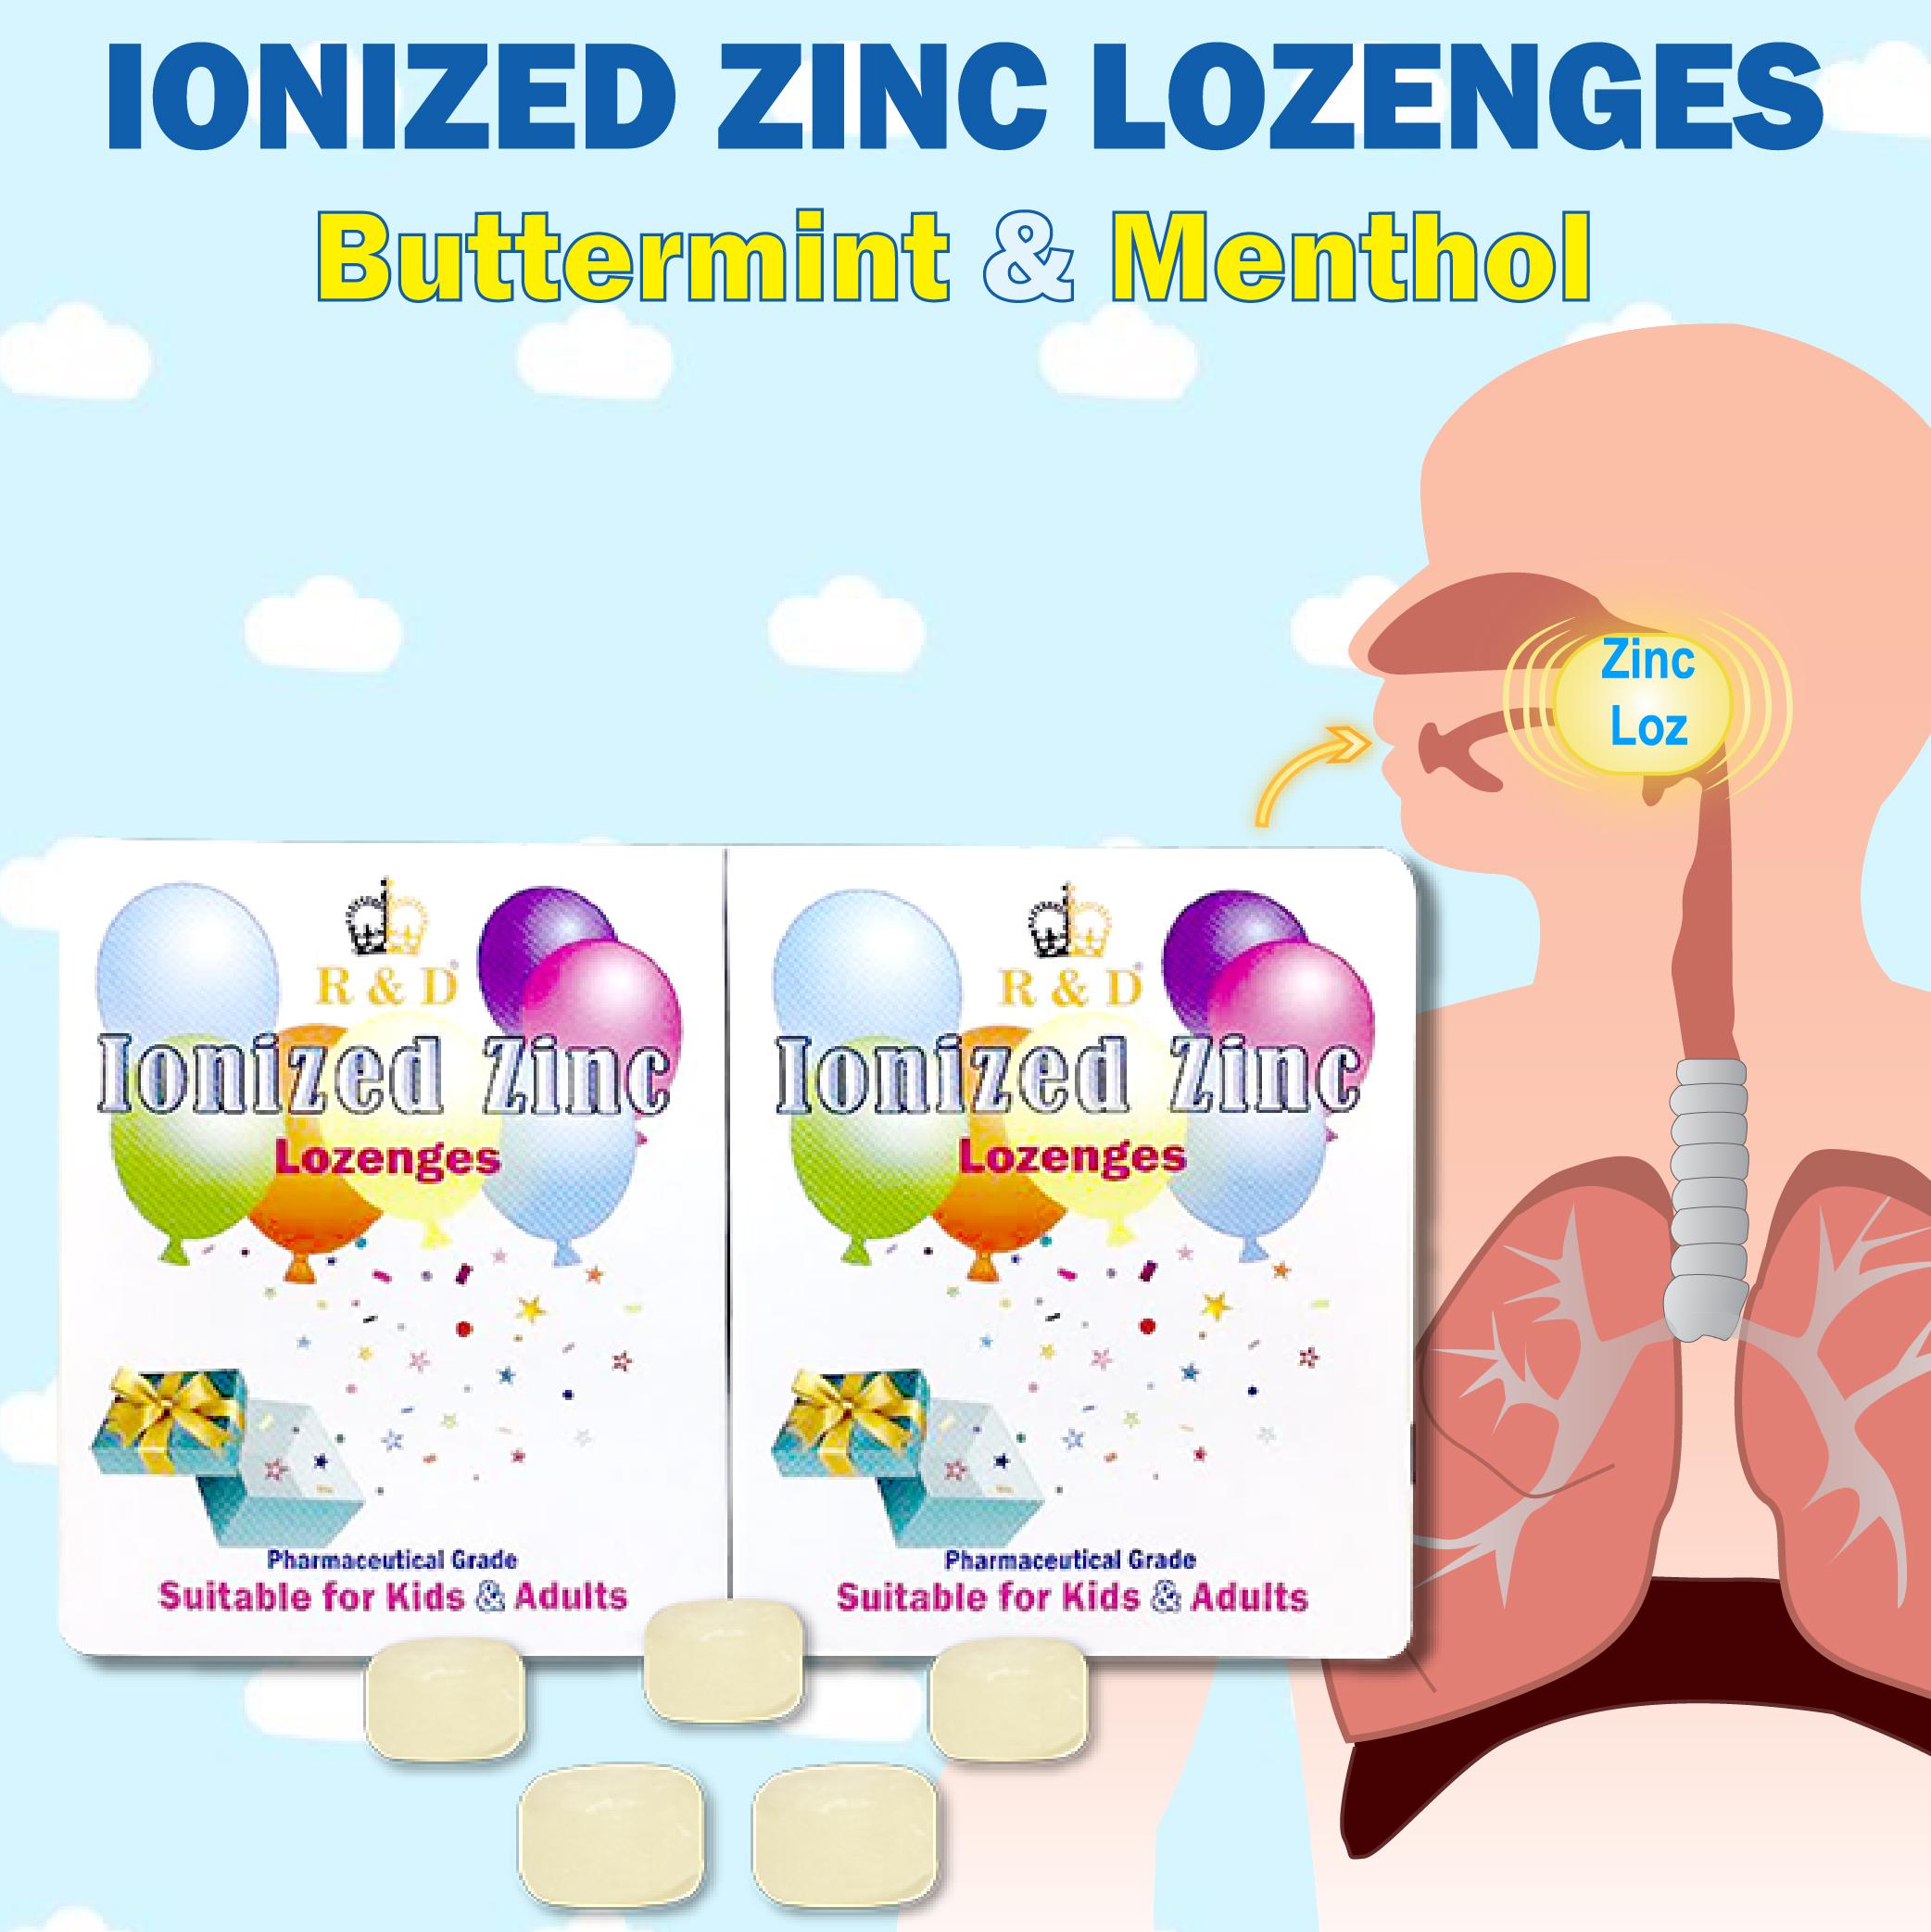 R d ionized zinc. Butter clipart grade a